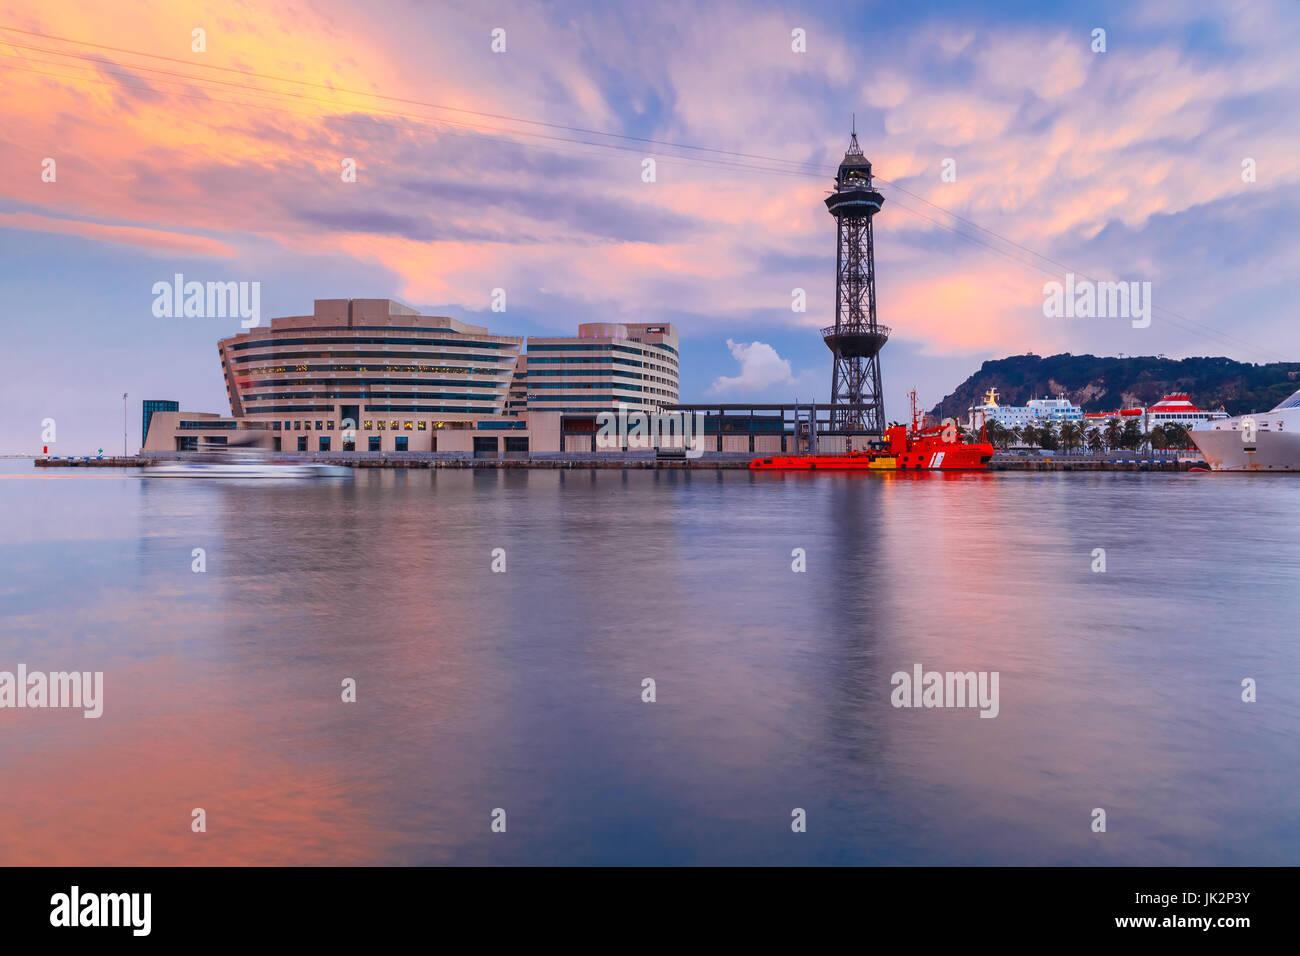 Superb sunset in Port Vell in Barcelona, Spain - Stock Image